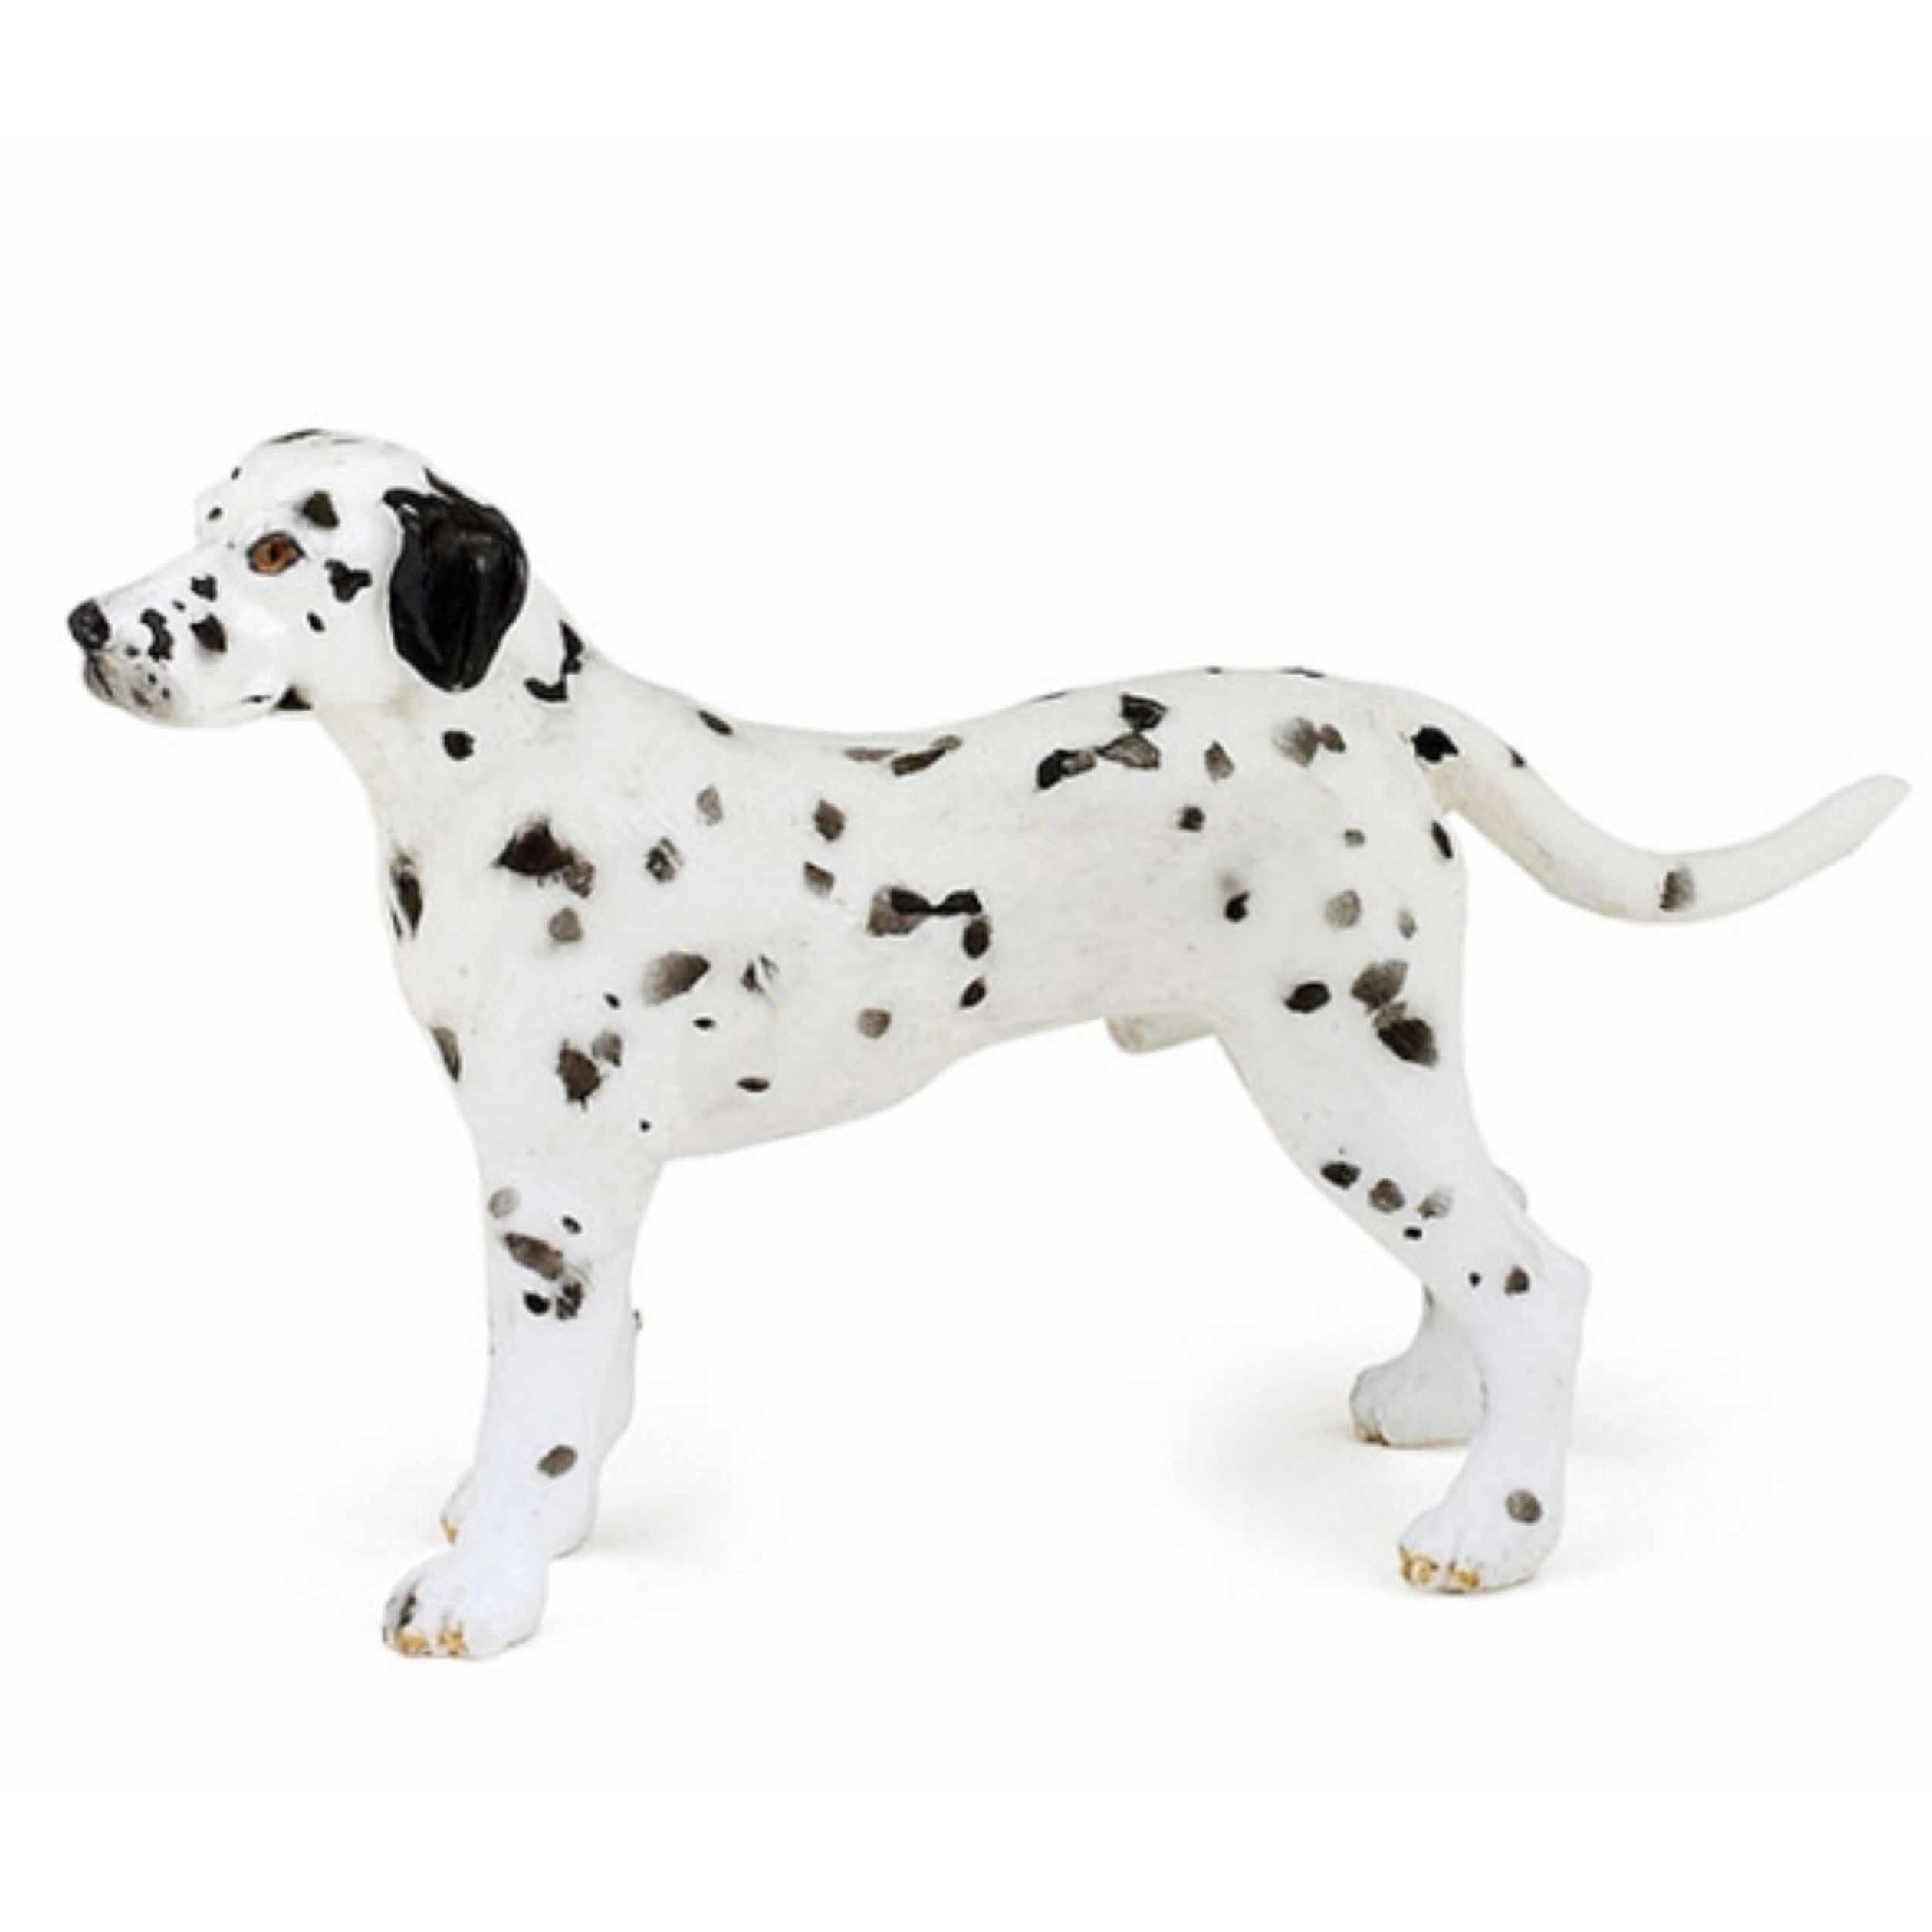 Dalmatier speeldiertje 10 cm